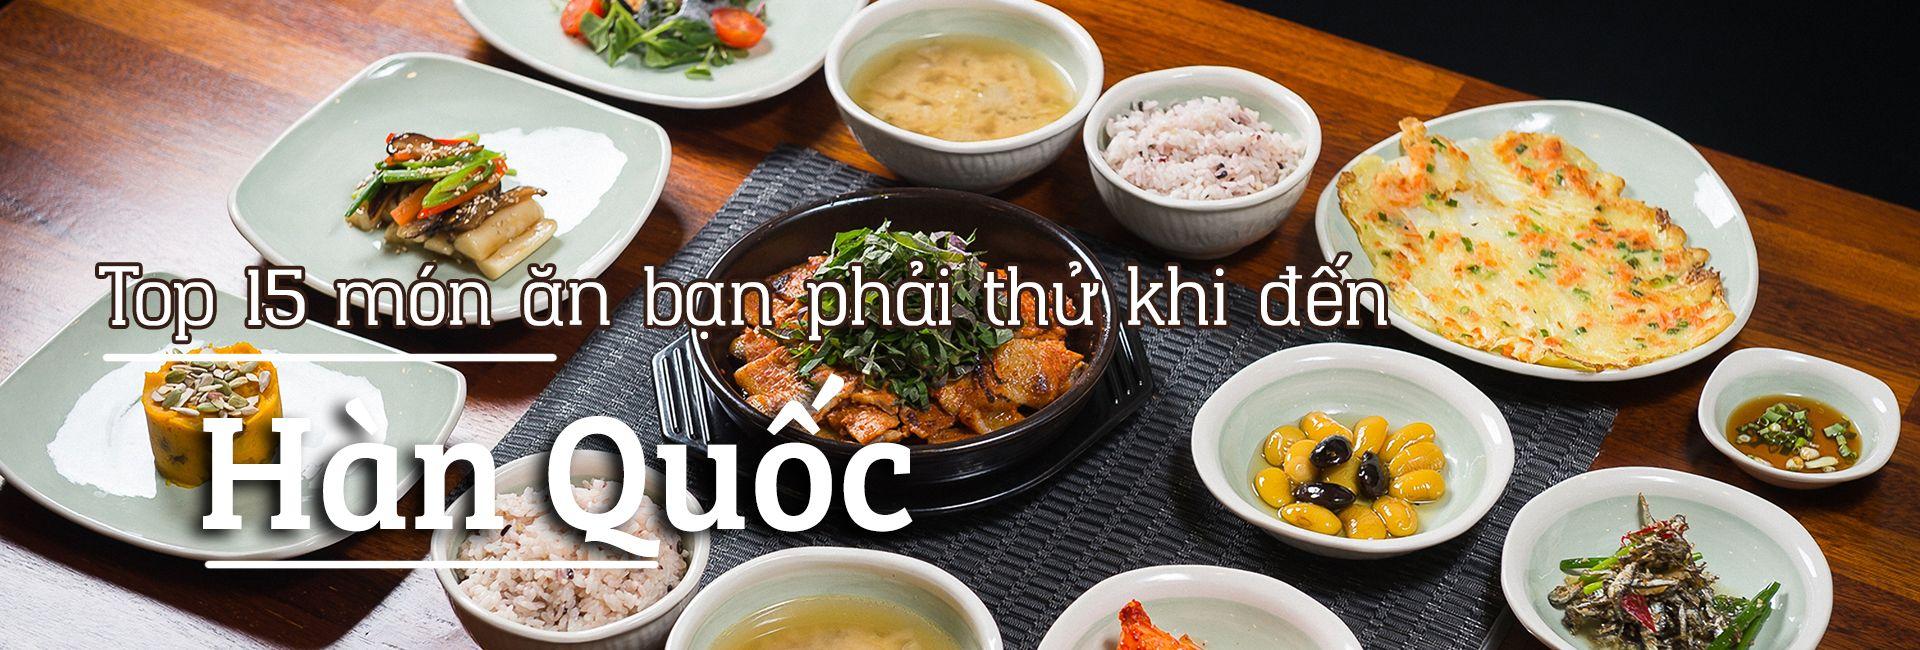 Top 15 món ăn ngon nhất định phải thử ở Hàn Quốc